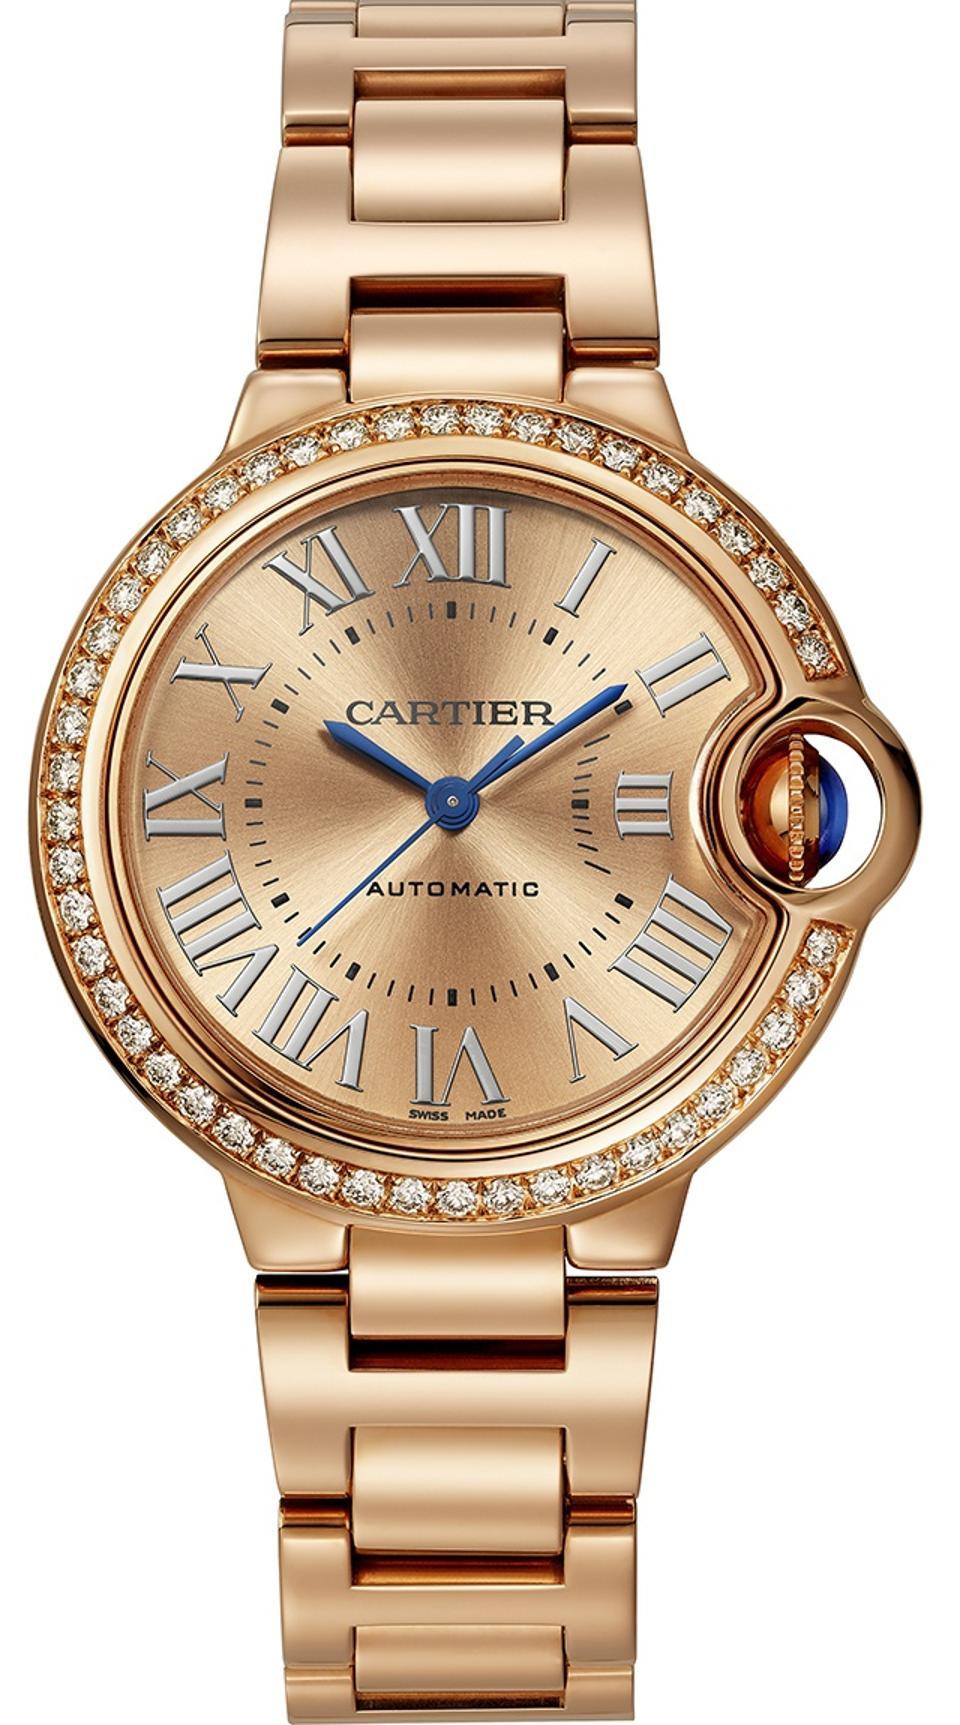 Cartier Ballon Bleu in gold.